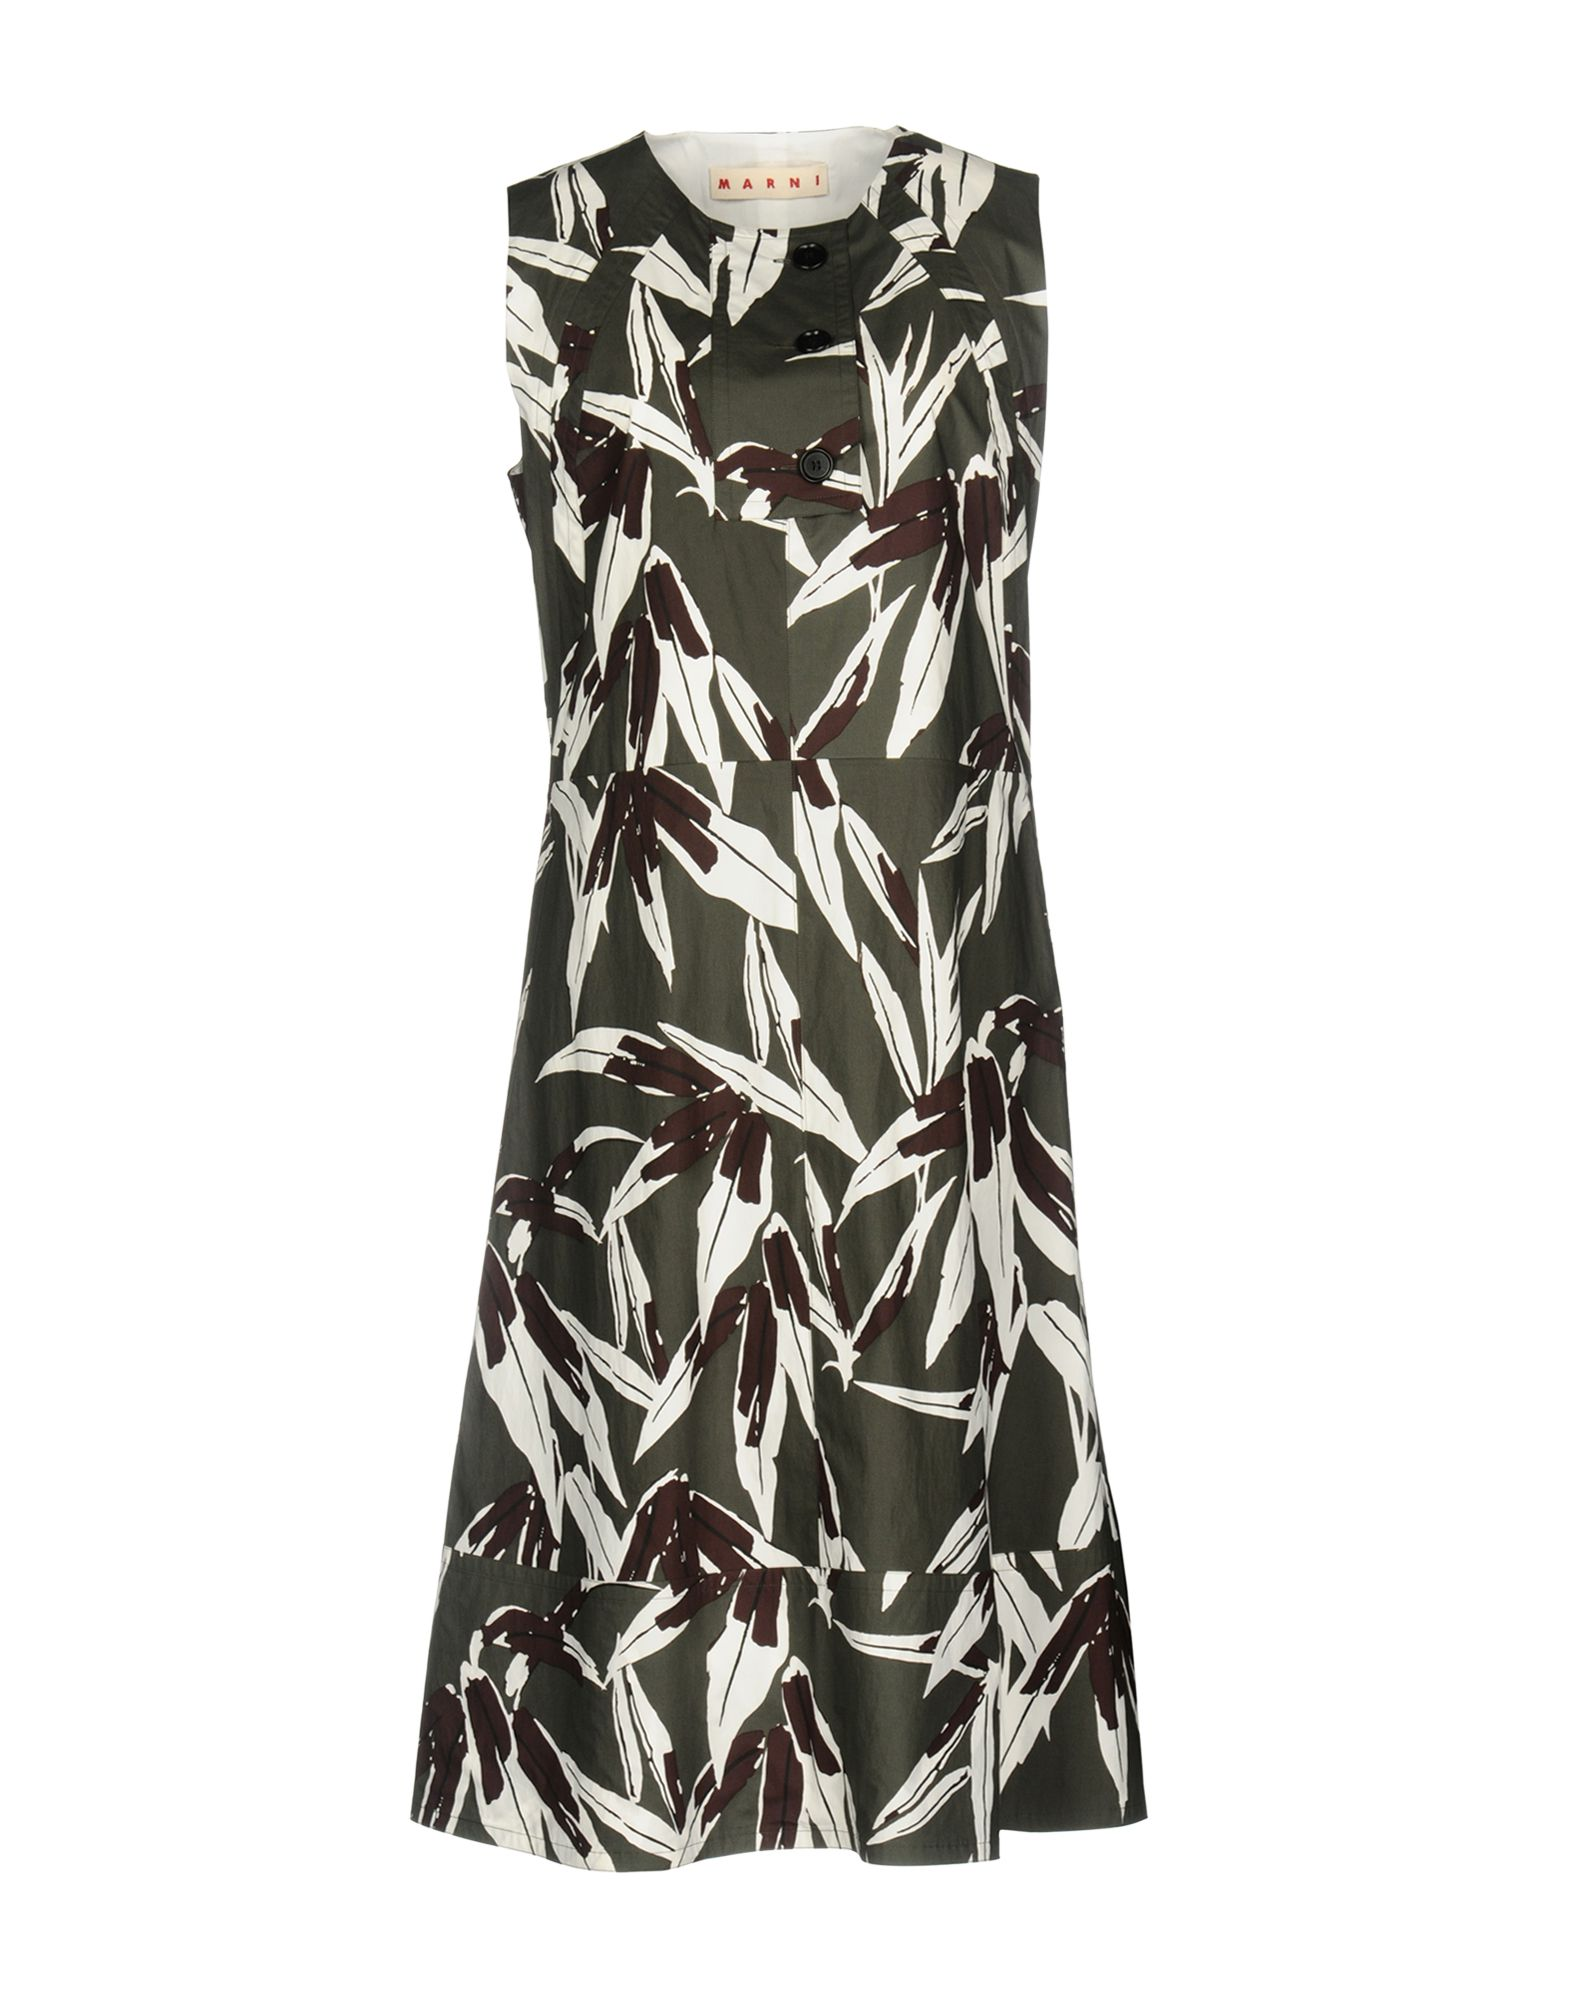 MARNI Damen Knielanges Kleid Farbe Militärgrün Größe 5 jetztbilligerkaufen